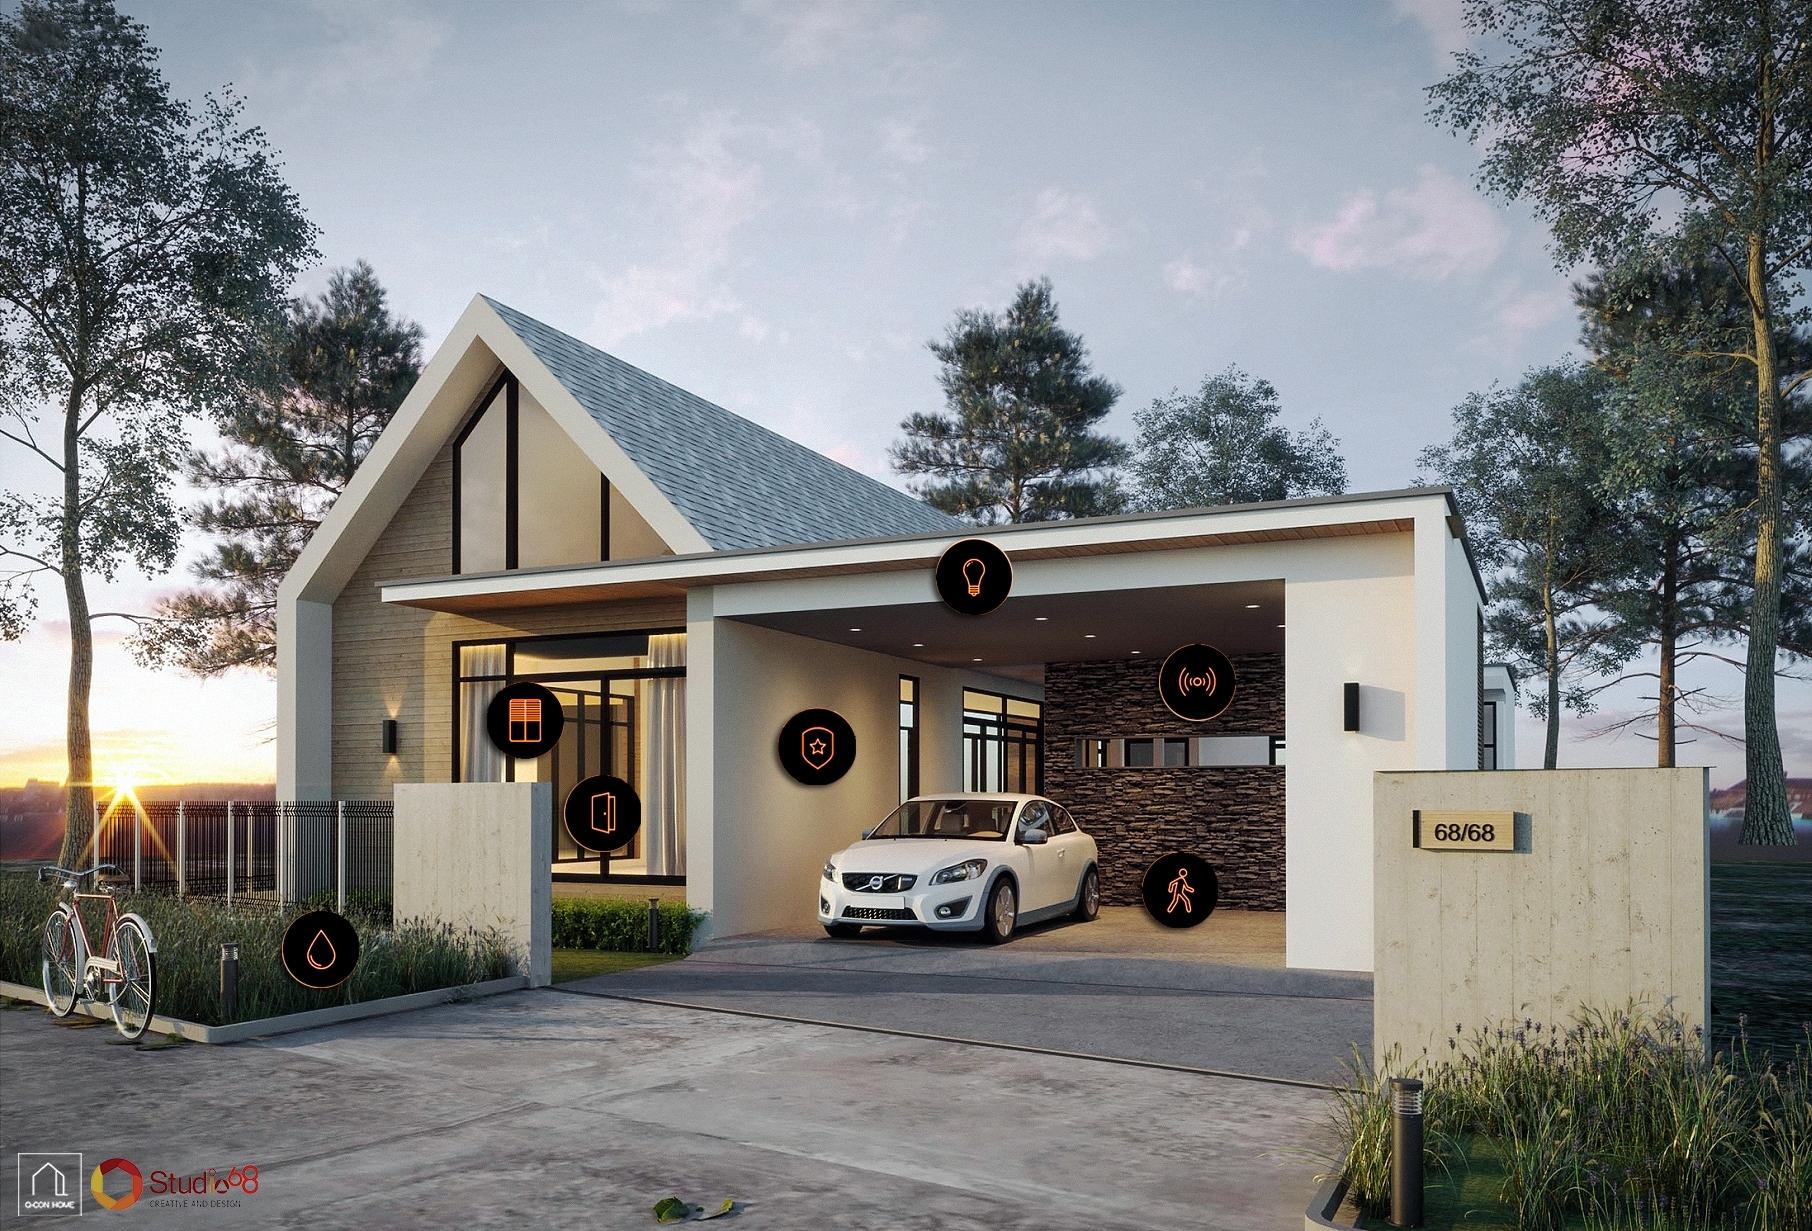 แบบบ้านสไตล์นอร์ดิก, บ้านสไตล์นอร์ดิก, สร้างบ้านแบบพูลวิลล่า, แบบบ้านพูลวิลล่า, แบบบ้าน Pool Villa, คิวคอนโฮม, รับก่อสร้างบ้านสไตล์นอร์ดิก รับเหมาก่อสร้างหัวหิน บริษัทสร้างบ้านหัวหิน, samrt home, ระบบสมาร์ทโฮม